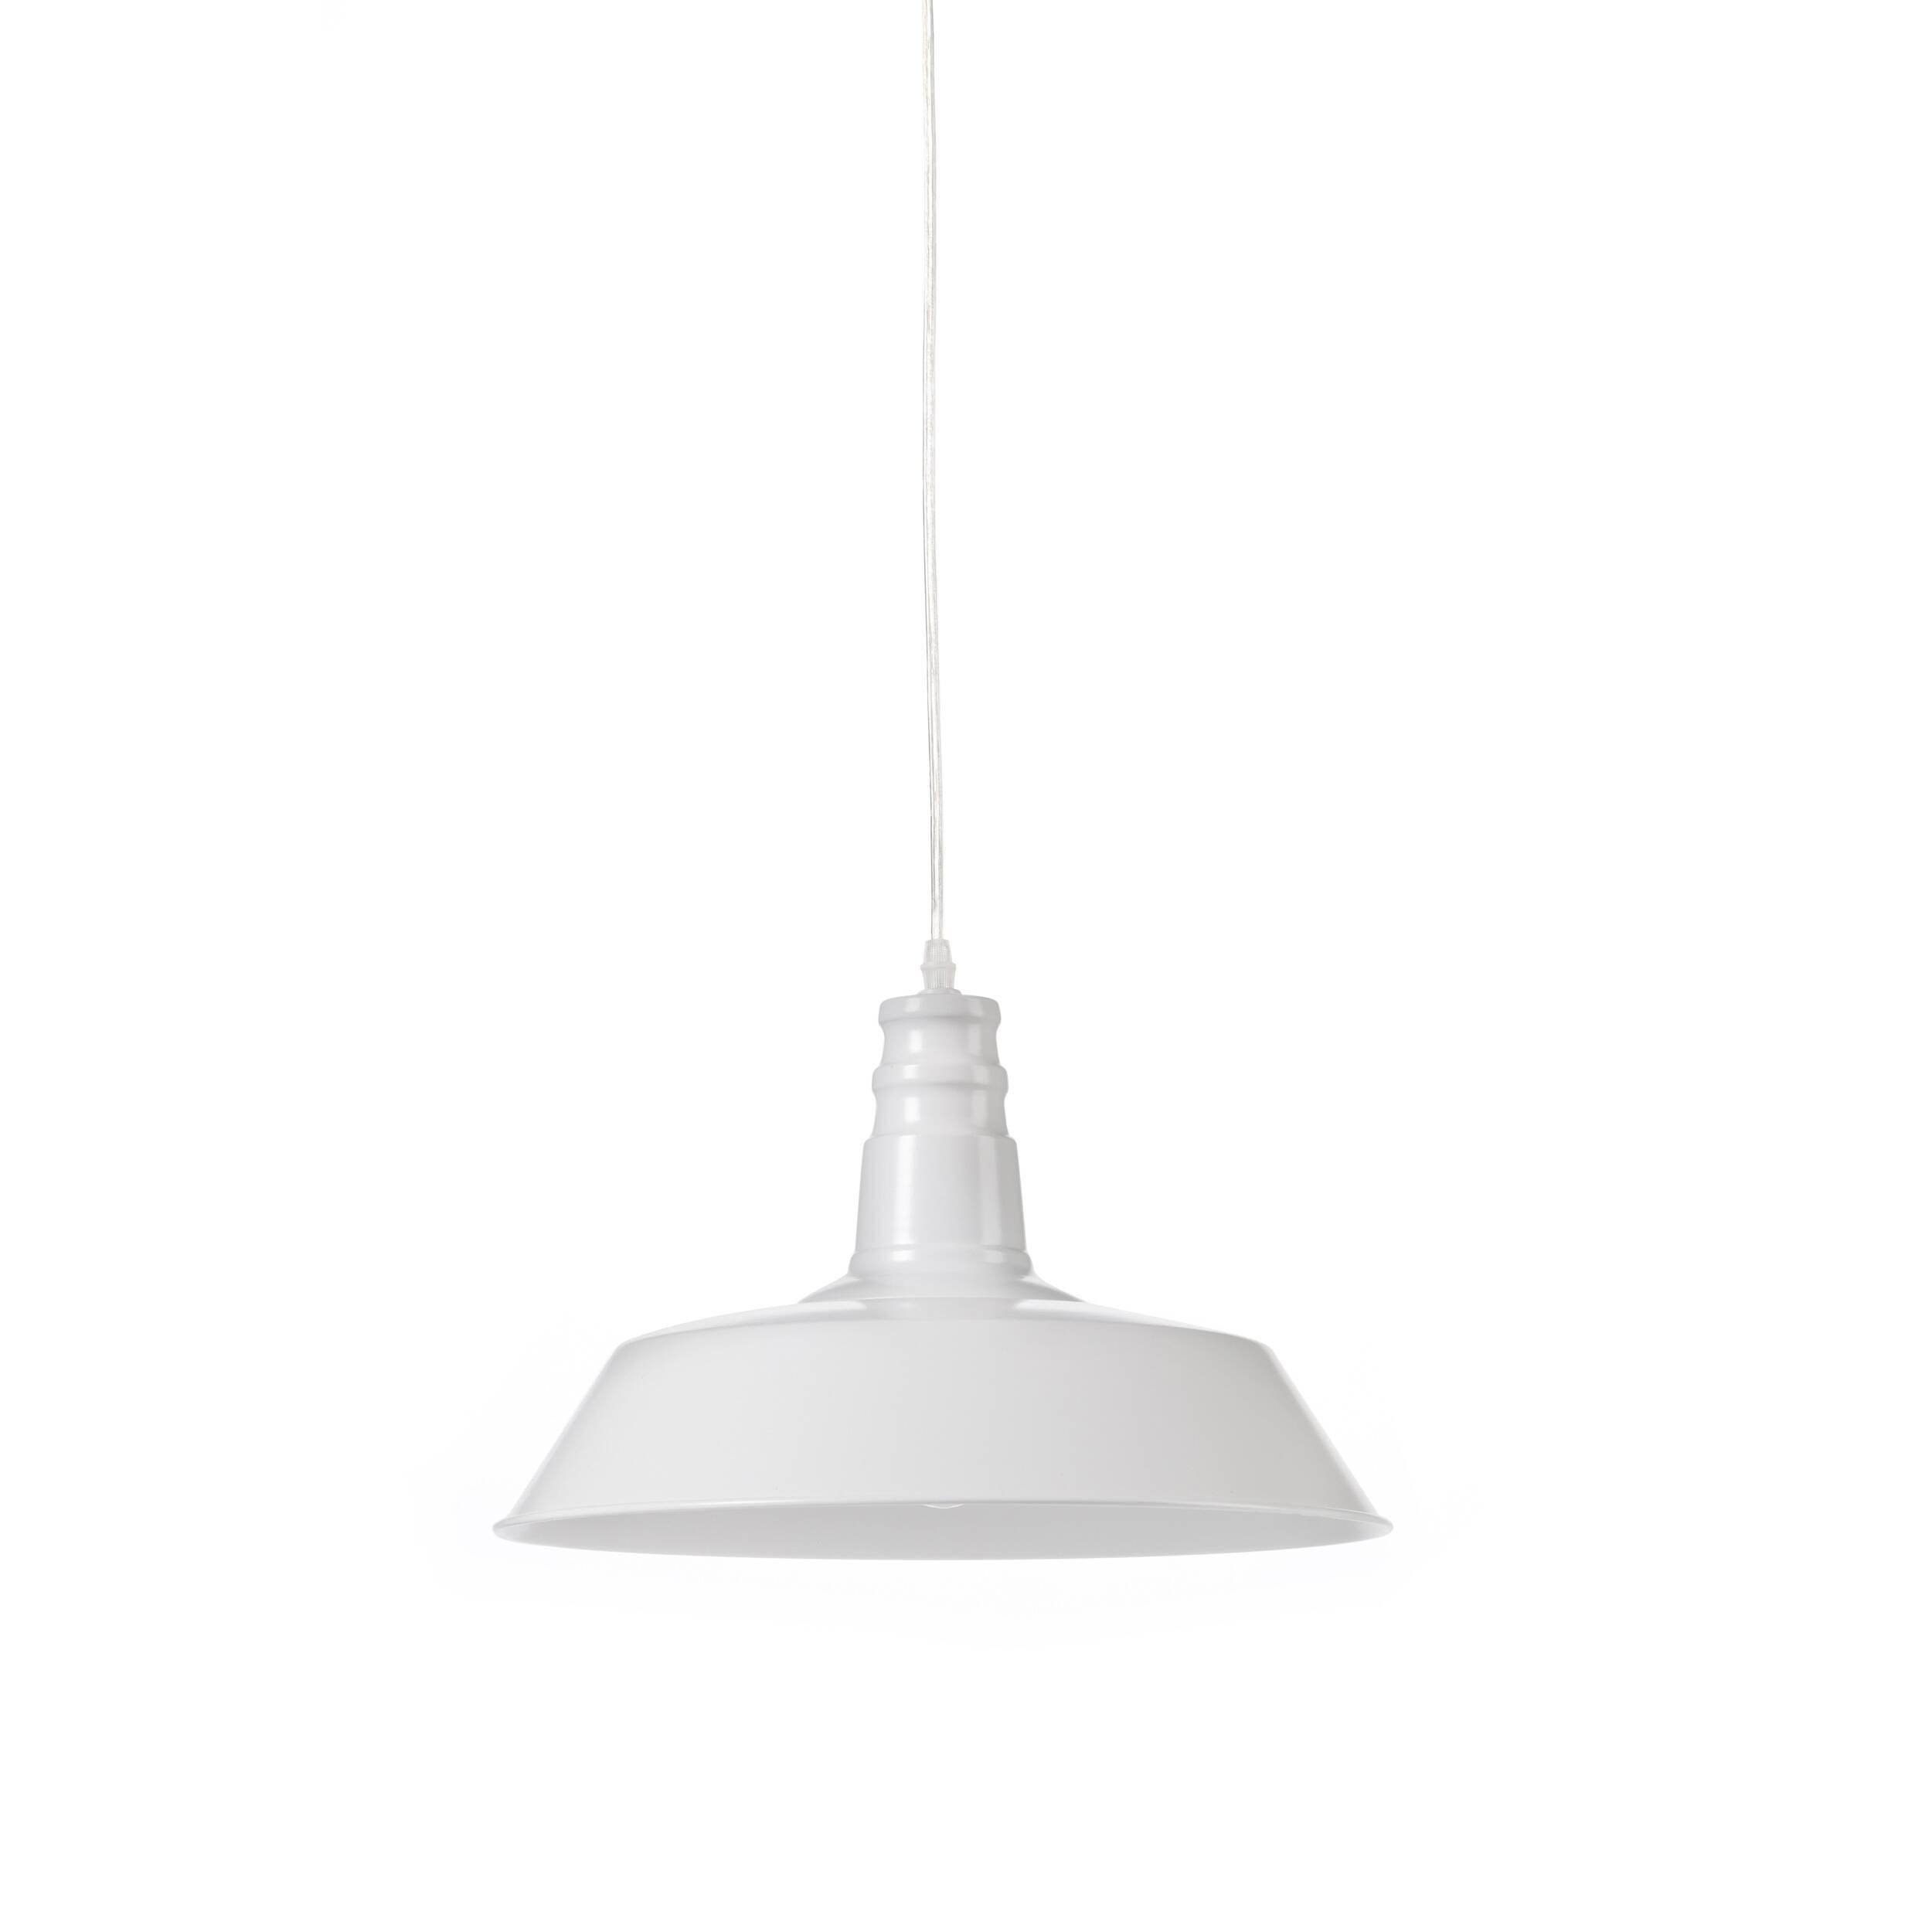 Подвесной светильник Barn IndustrialПодвесные<br>Этот подвесной светильник сочетает в себе лаконичность и практичность. Прочные металлические детали подвесного светильника Barn Industrial внушают спокойствие и уверенность.<br><br><br> Подвесной светильник Barn Industrial идеально подходит для использования в рамках индустриального стиля, для освещения баров, коворкингов, лофтов и других просторных помещений, которым подошло бы оформление в модном сегодня стиле стимпанк.<br><br>stock: 0<br>Высота: 26<br>Длина: 36<br>Длина провода: 150<br>Количество ламп: 1<br>Материал абажура: Сталь<br>Мощность лампы: 40<br>Ламп в комплекте: Нет<br>Напряжение: 220<br>Тип лампы/цоколь: E27<br>Цвет абажура: Белый<br>Цвет провода: Черный